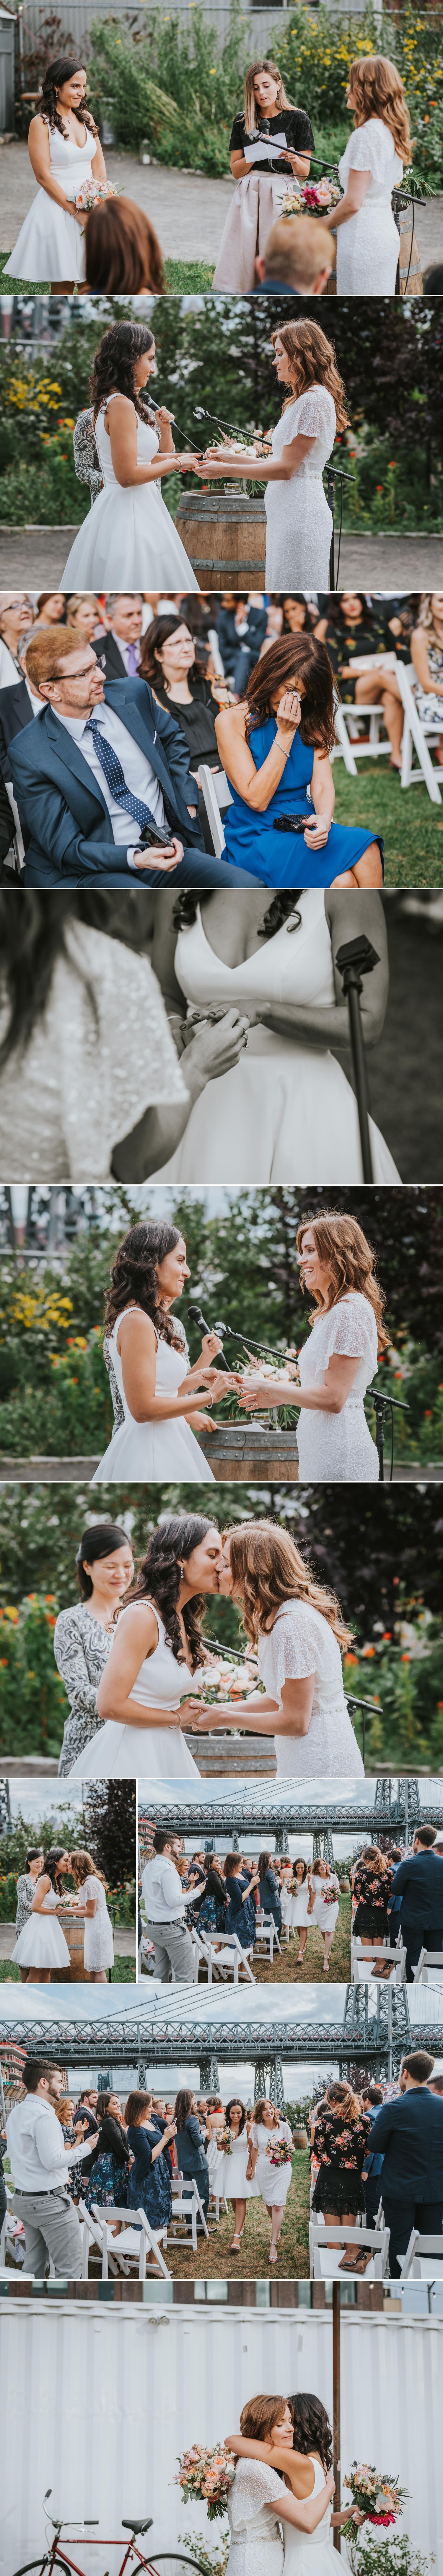 Ana & Christie Brooklyn Winery North Brooklyn Farms Wedding (12).jpg